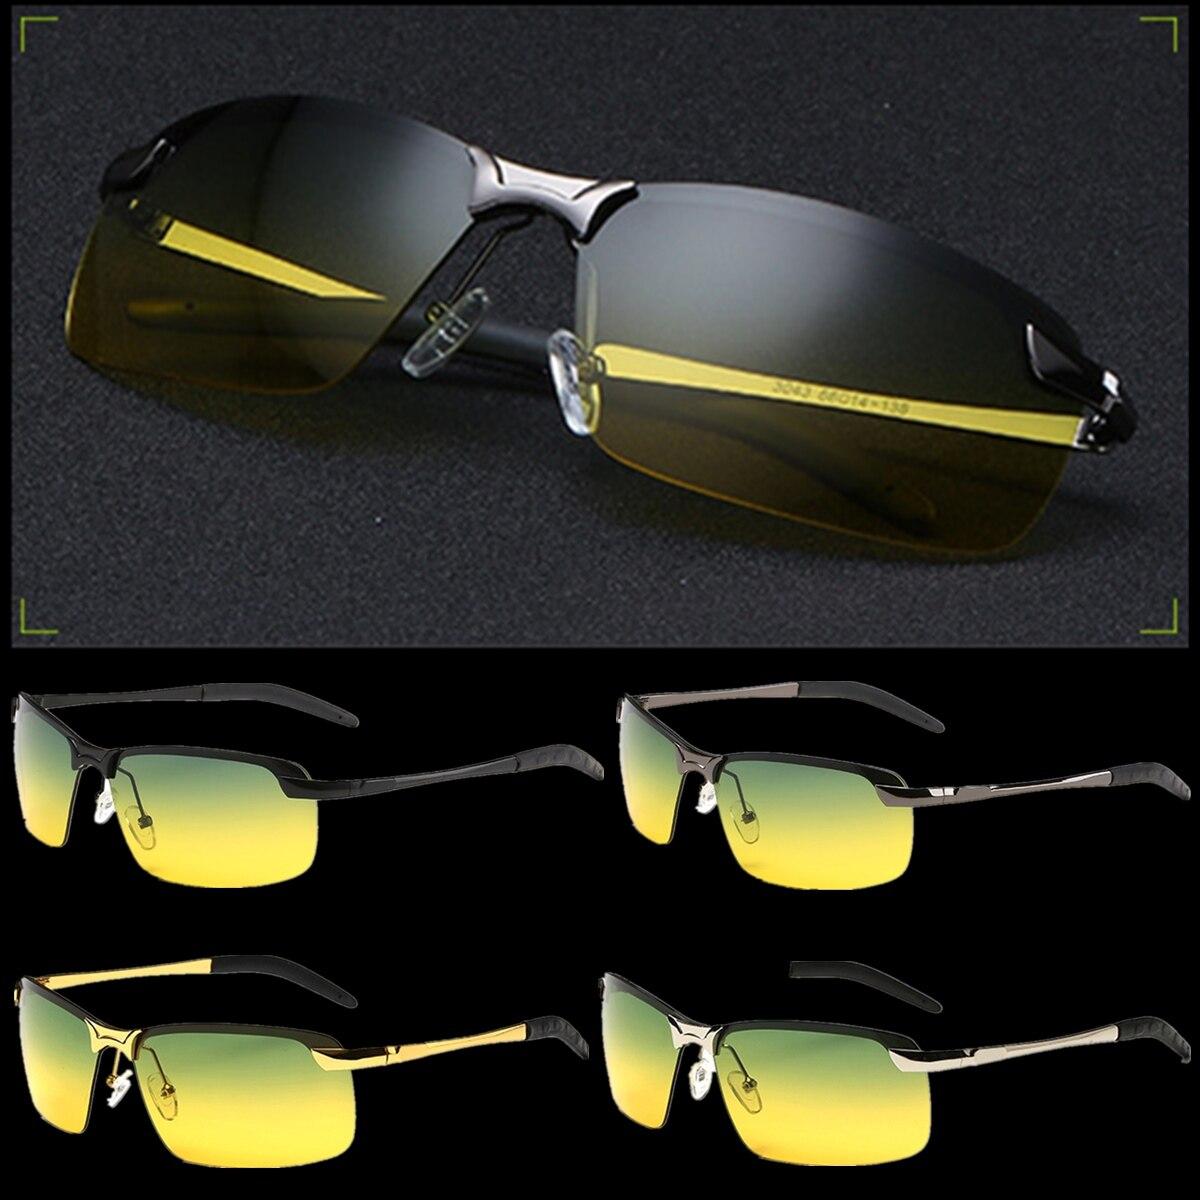 الرجال ليلة نظارات للقيادة المضادة للوهج الأصفر نظارات شمسية نظارات معدنية ليلة نظارات حماية نظارة بعدسات مستقطبة لقيادة السيارة